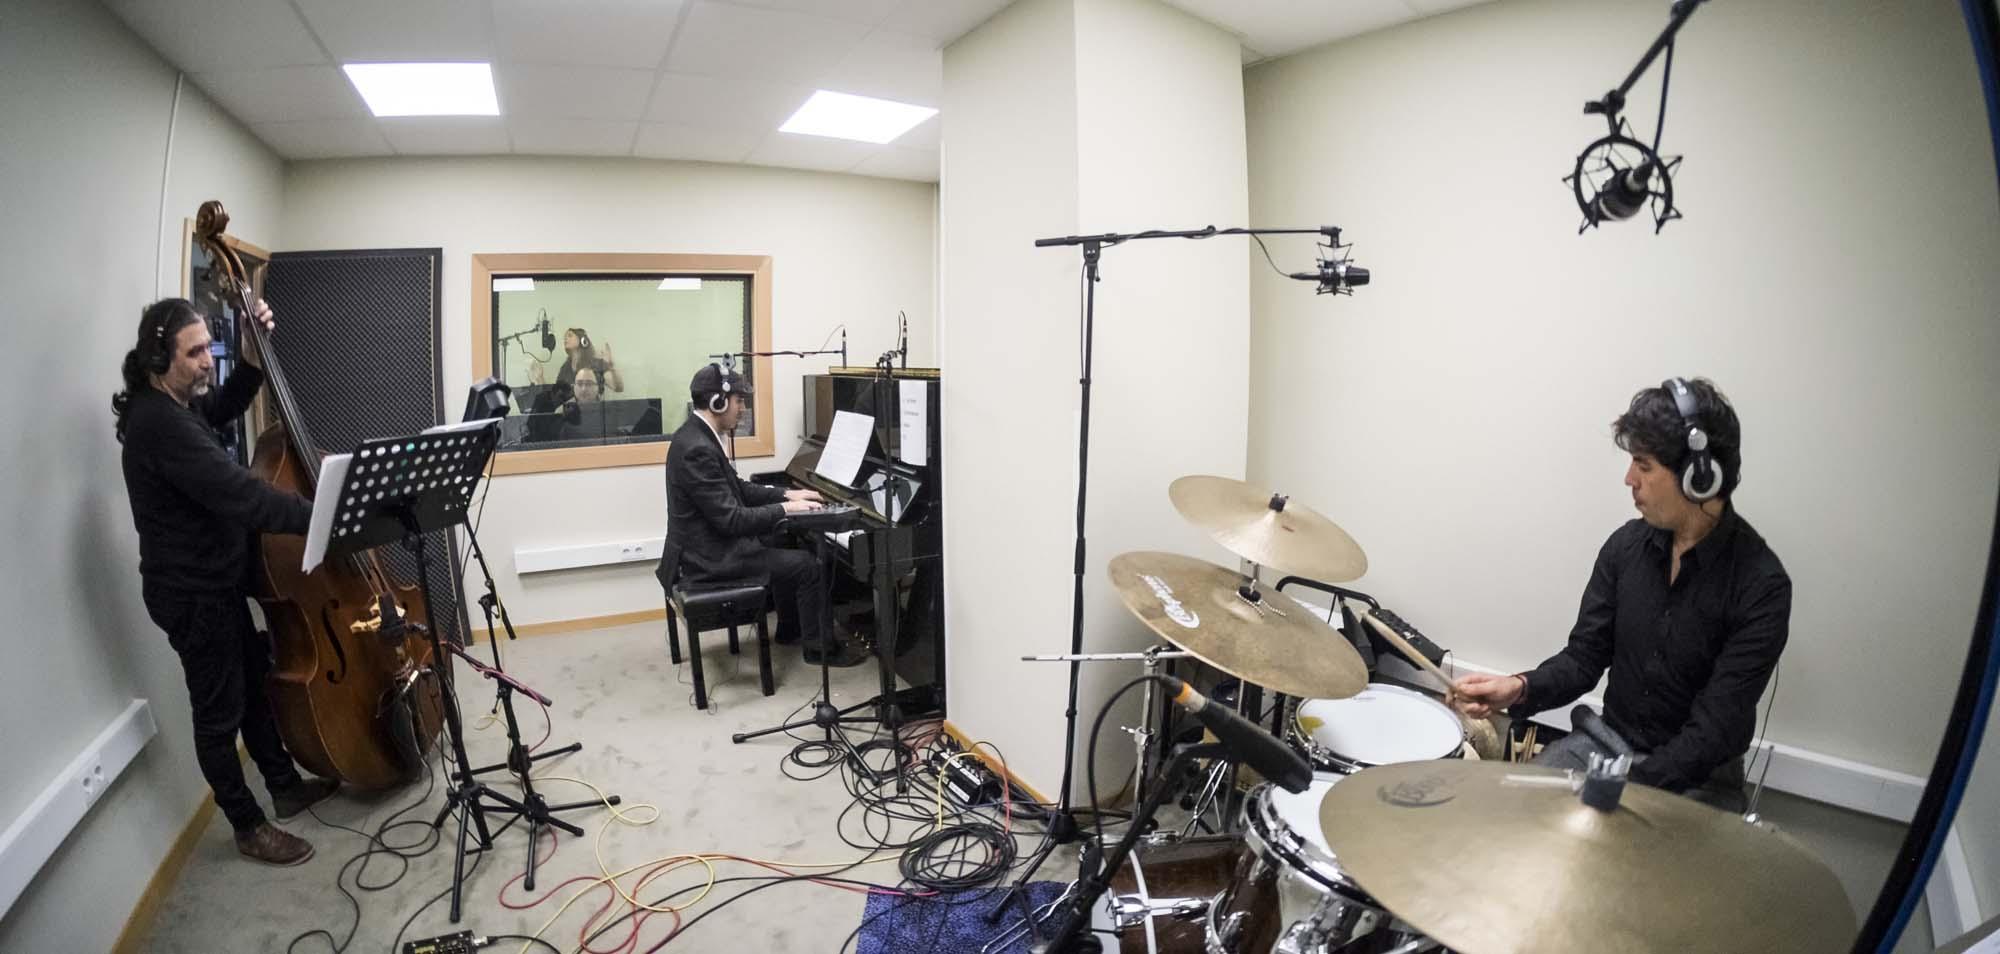 el-local-estudi-gravacio-jazz-bescano-girona